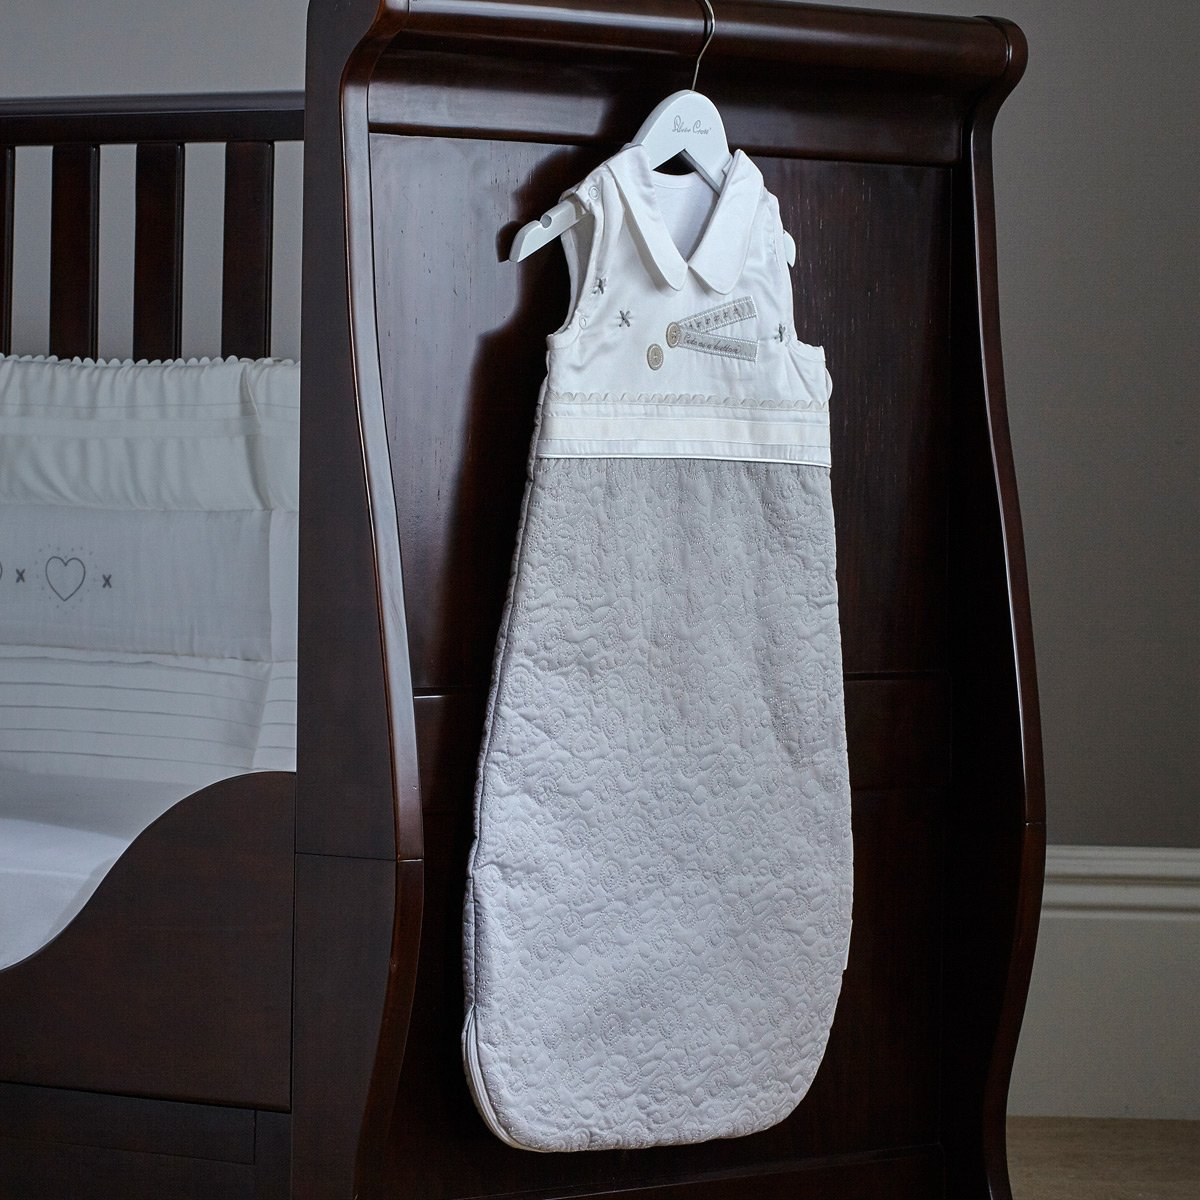 e7893522 Silver Cross Sleepsuit Handmade with Love: Amazon.co.uk: Baby